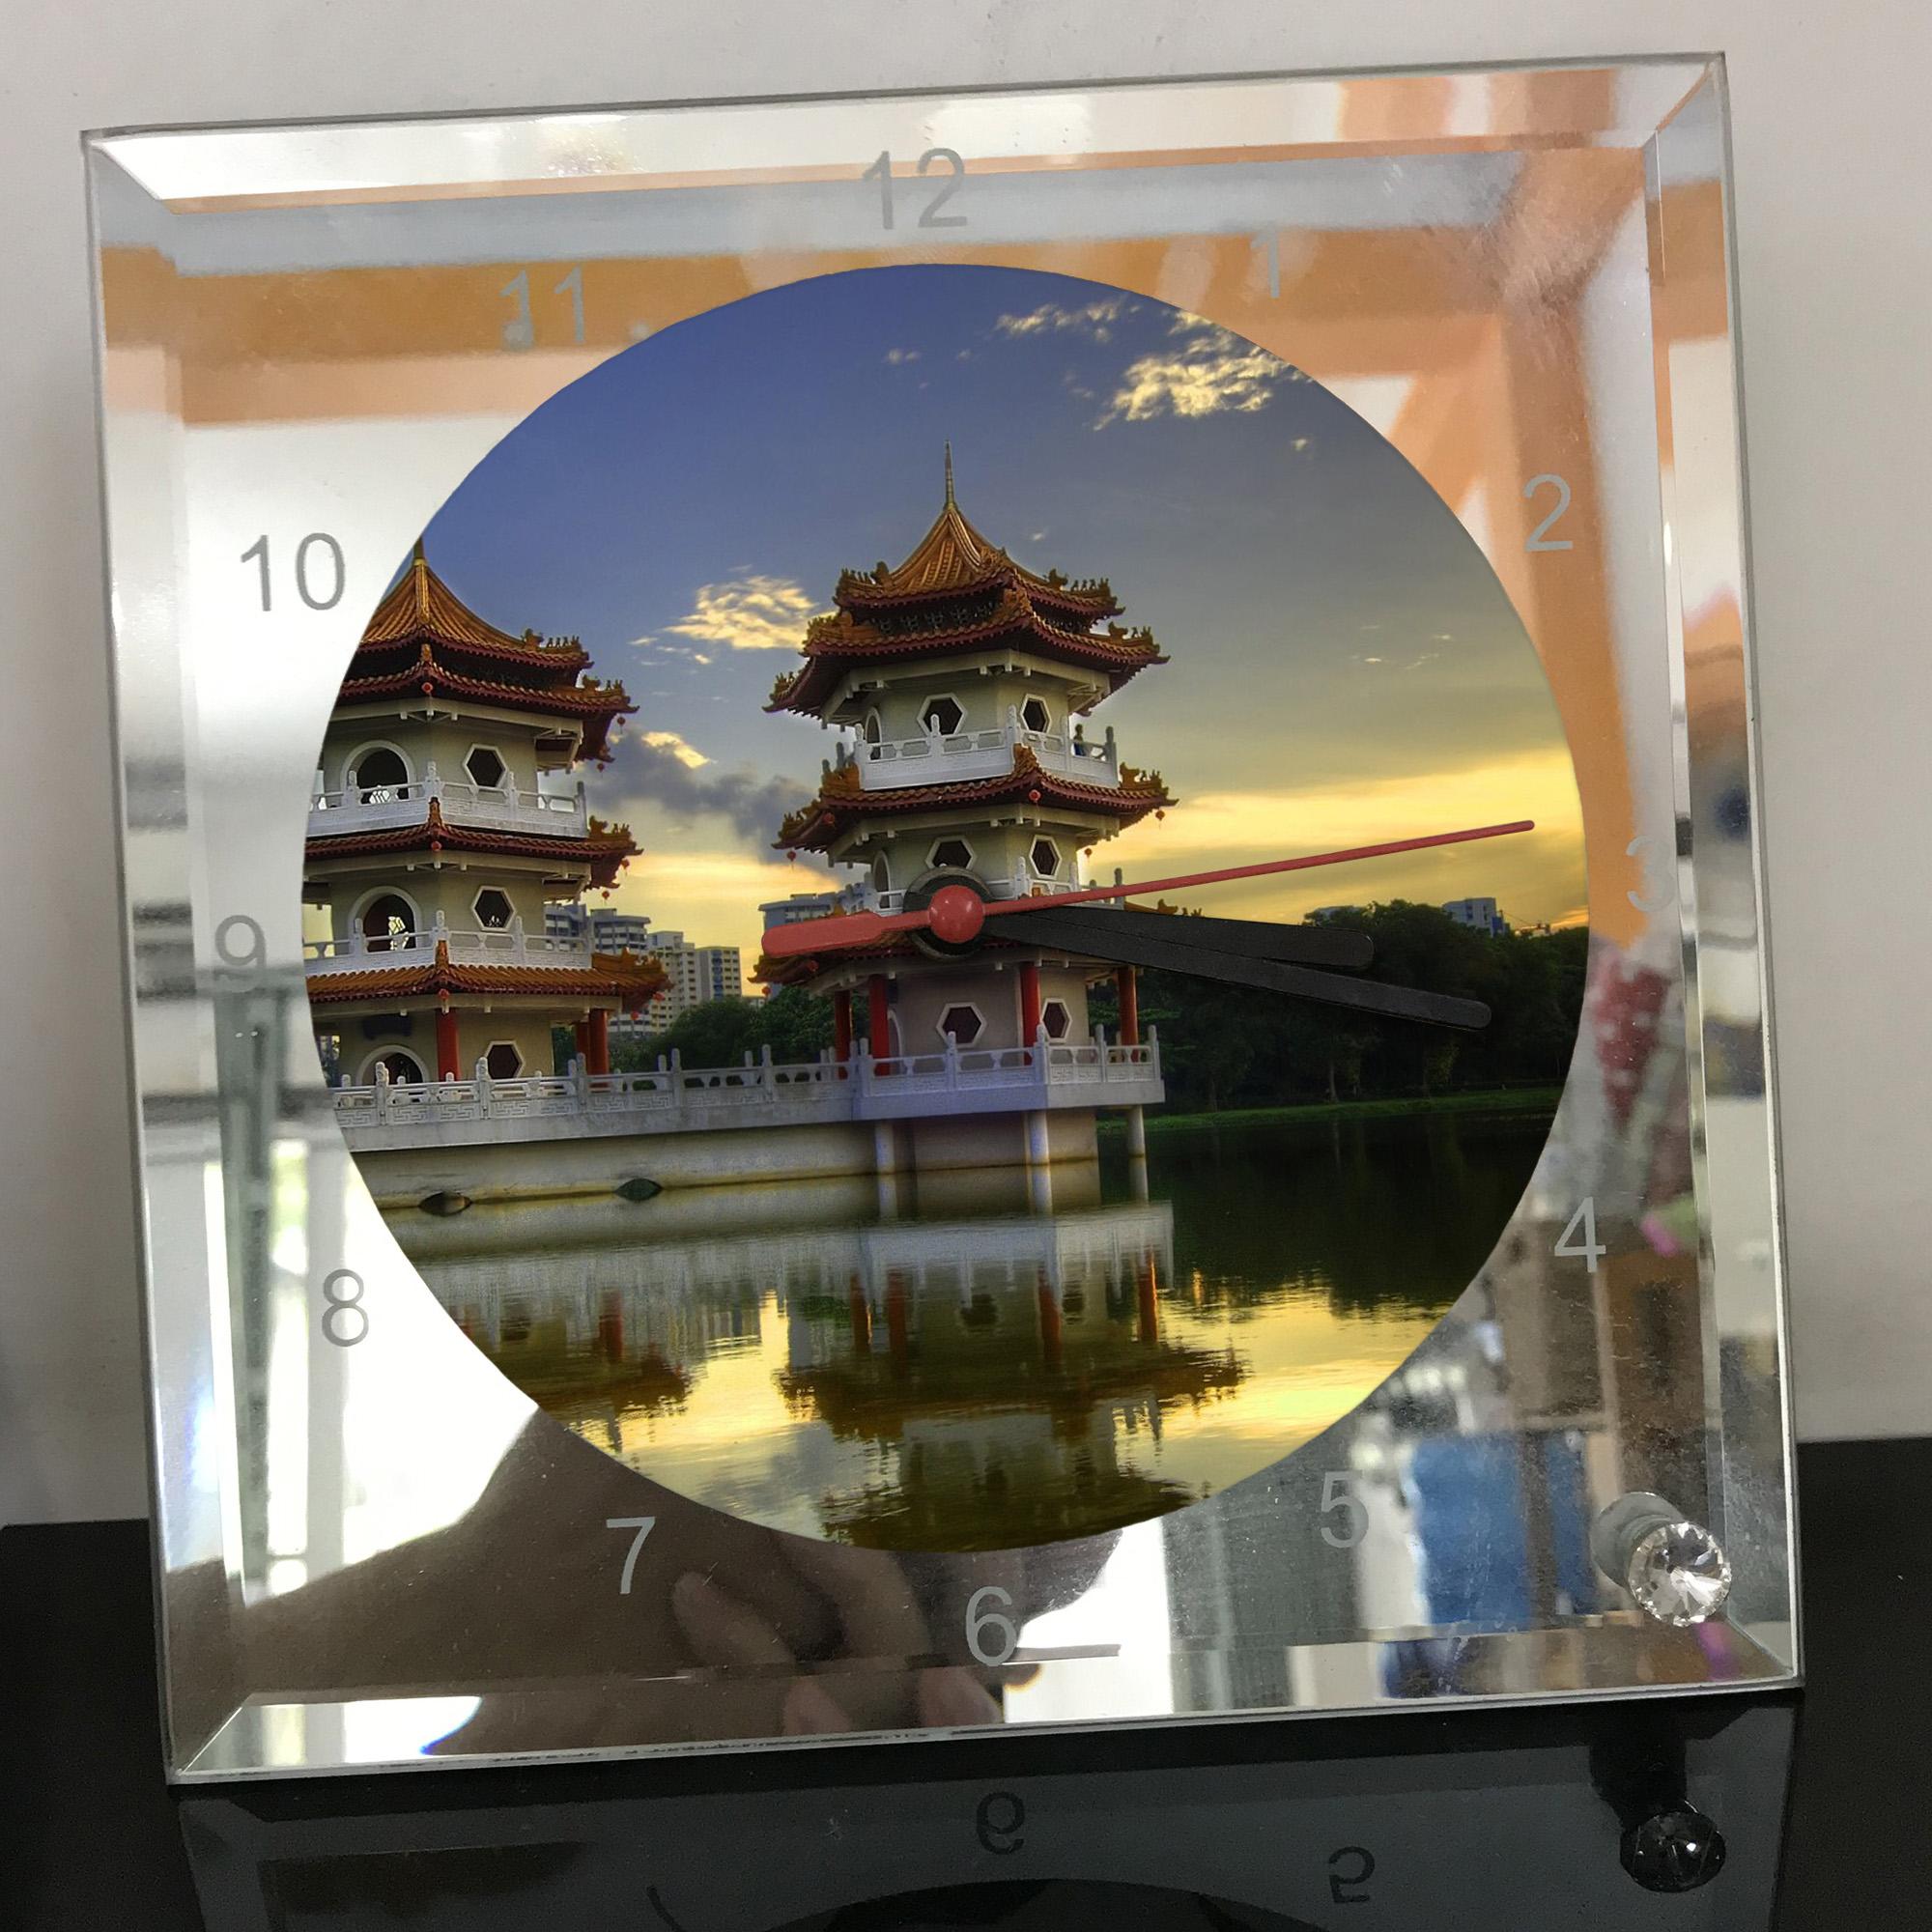 Đồng hồ thủy tinh vuông 20x20 in hình Temple - đền thờ (12) . Đồng hồ thủy tinh để bàn trang trí đẹp chủ đề tôn giáo